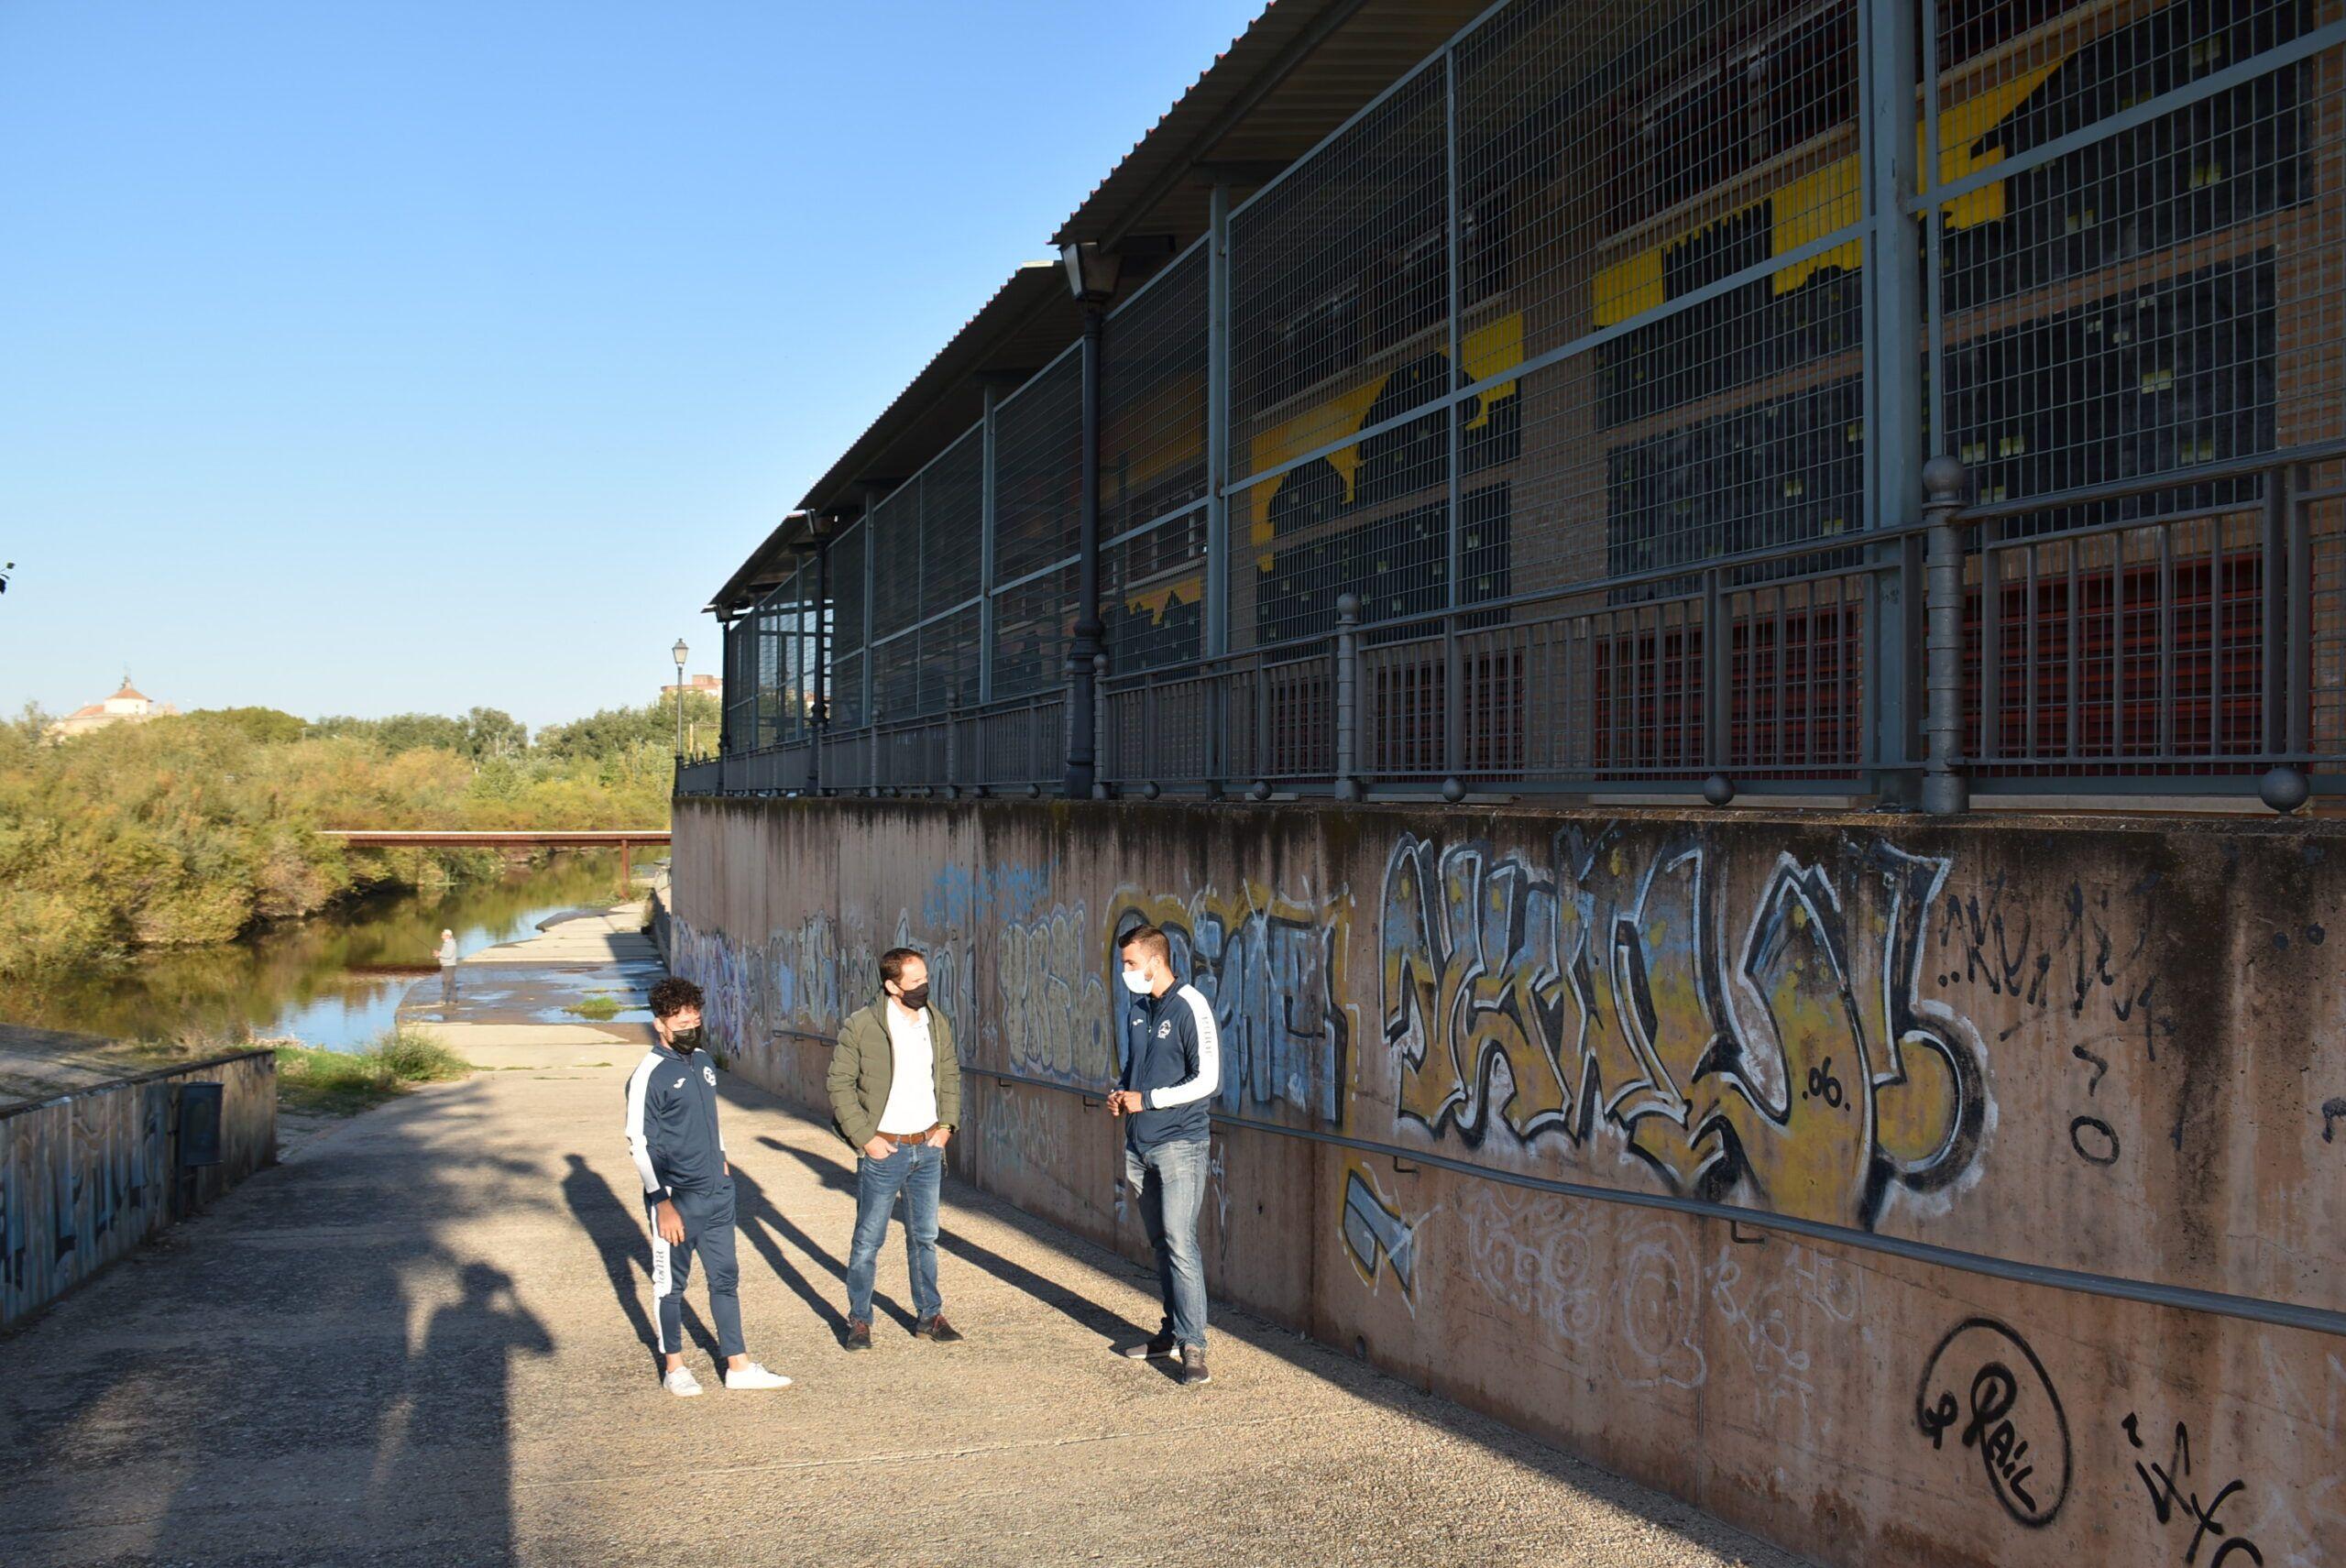 Finalizadas las obras de ampliación y mejora en el hangar de piragüismo para el Club Talavera-Talak, los aficionados a este deporte y toda la ciudad